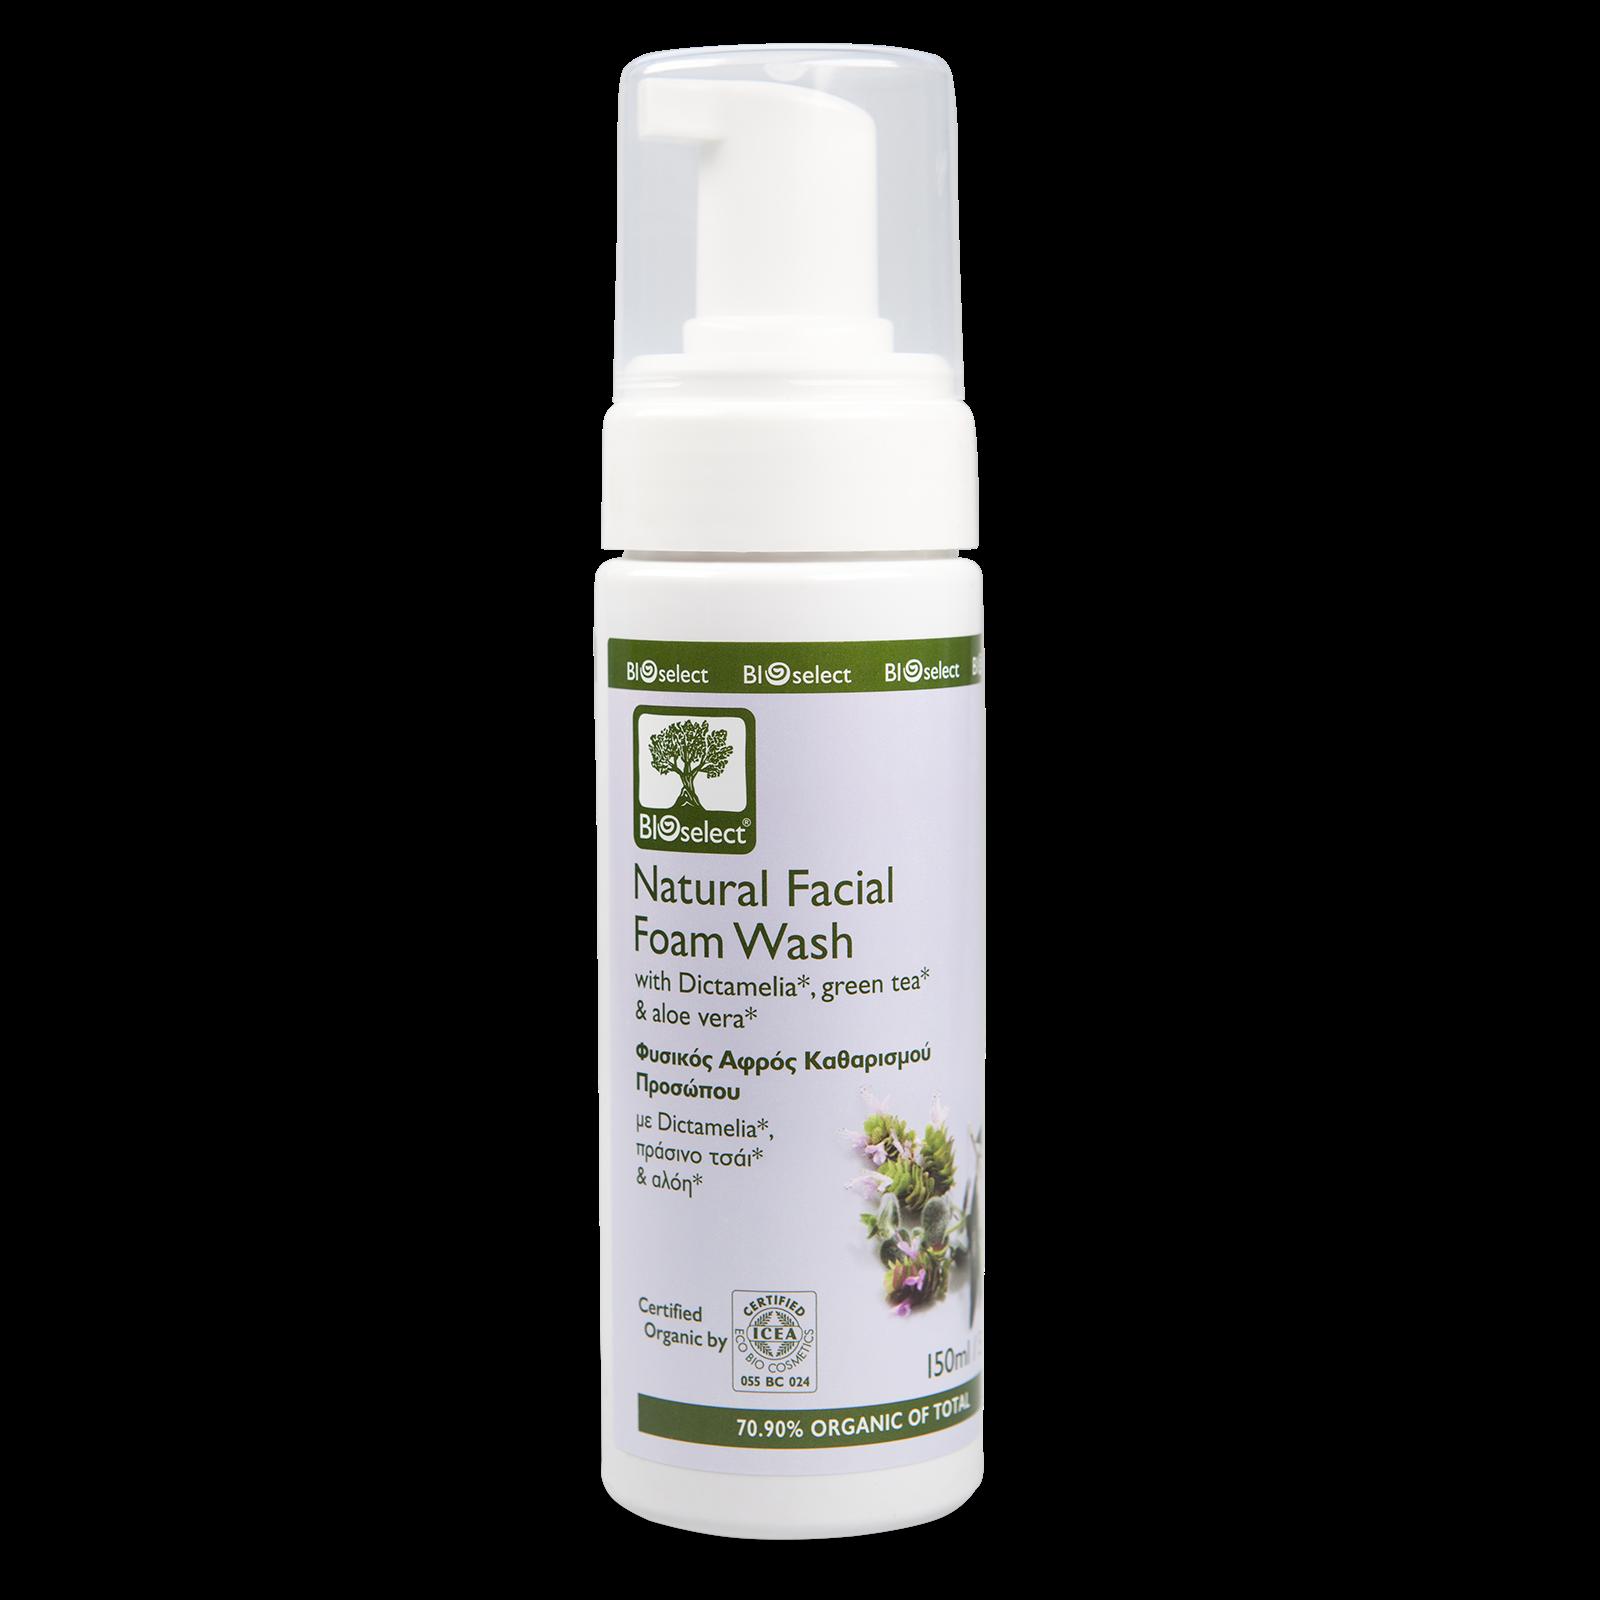 Bioselect Natural Facial Foam Wash